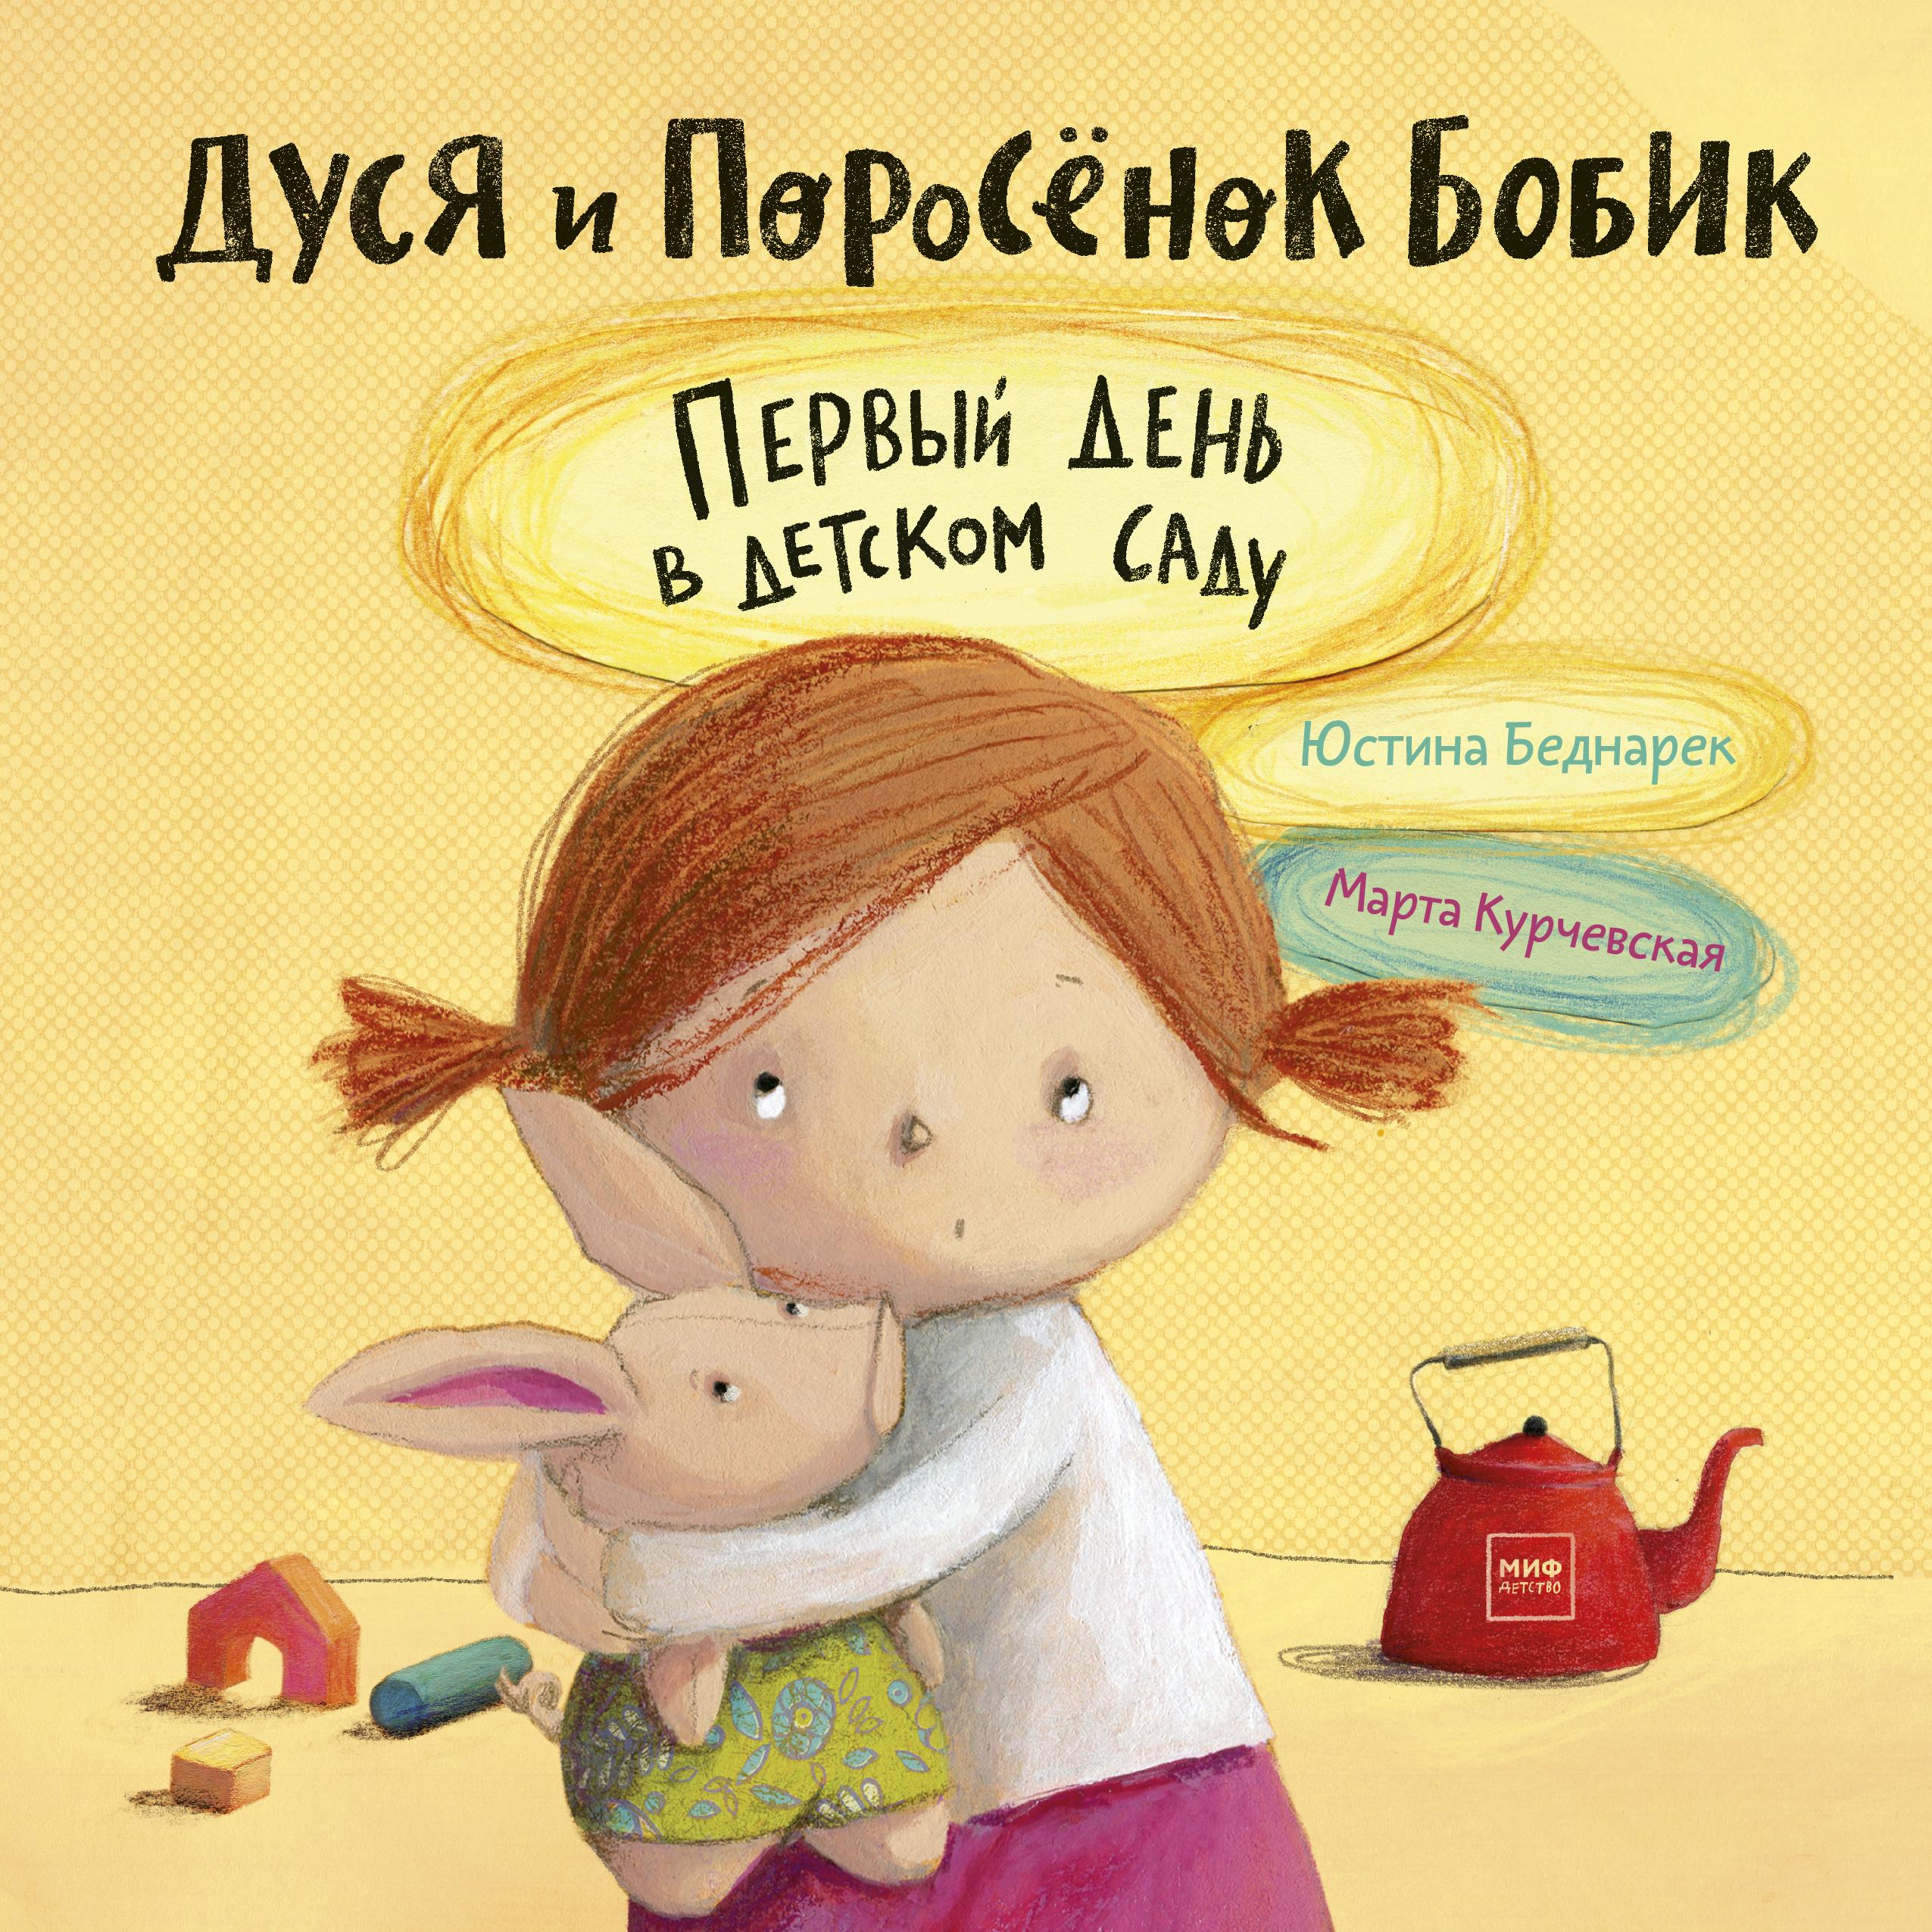 Юстина Беднарек (автор), Марта Курчевская (иллюстратор) Дуся и Поросёнок Бобик. Первый день в детском саду дуся конеген собачья площадка